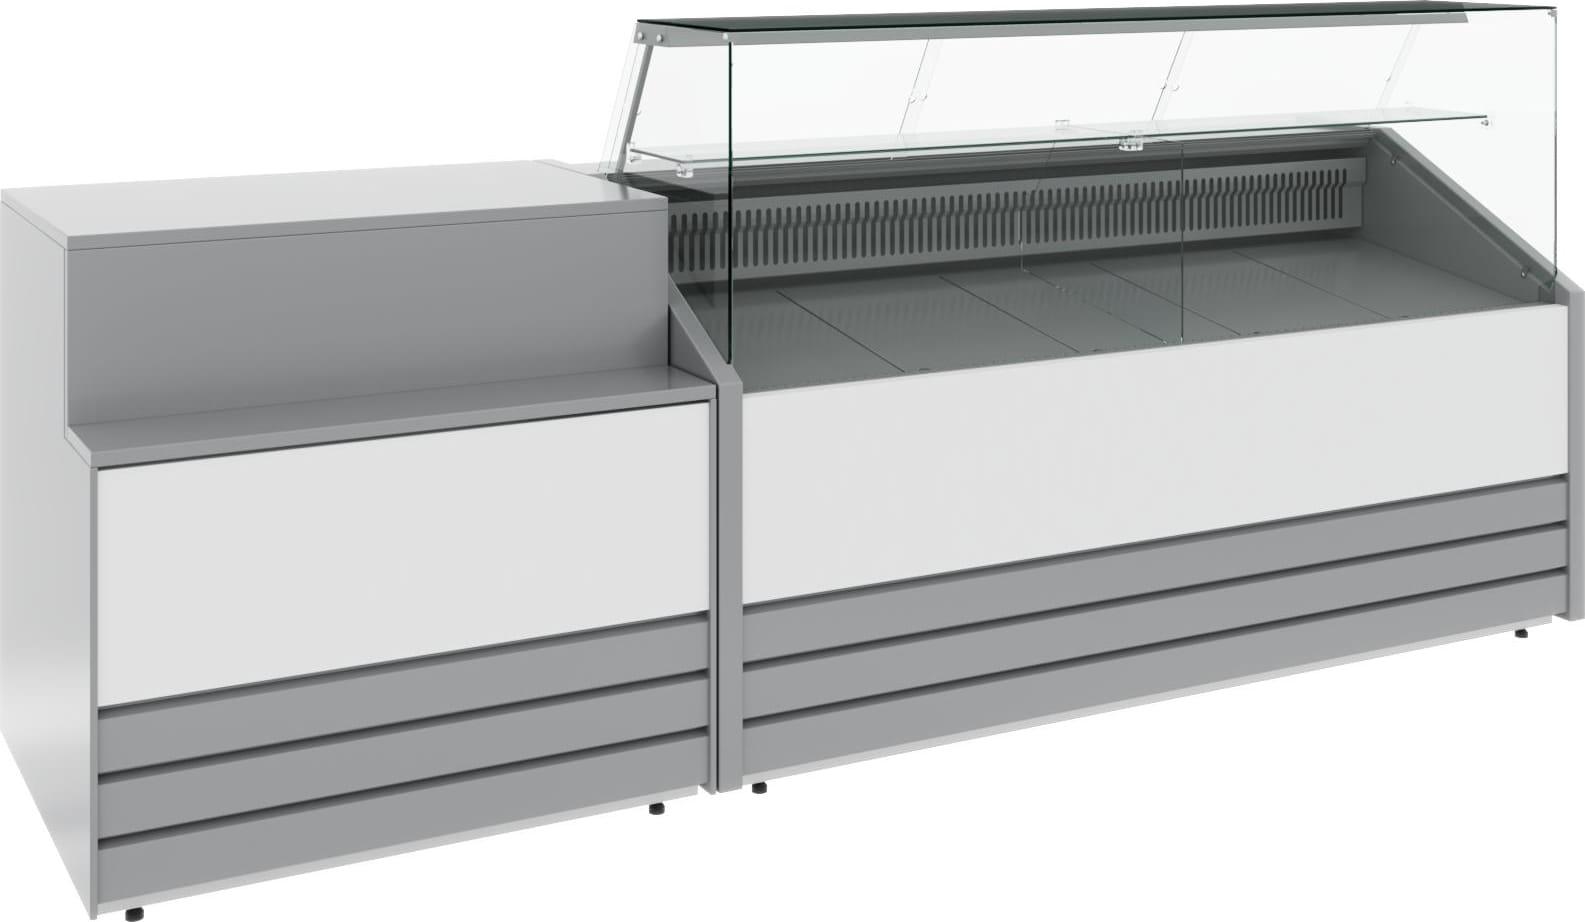 Холодильная витрина CARBOMA COLORE GС75 VV1.8-1 (динамика) 9006-9003 - 15